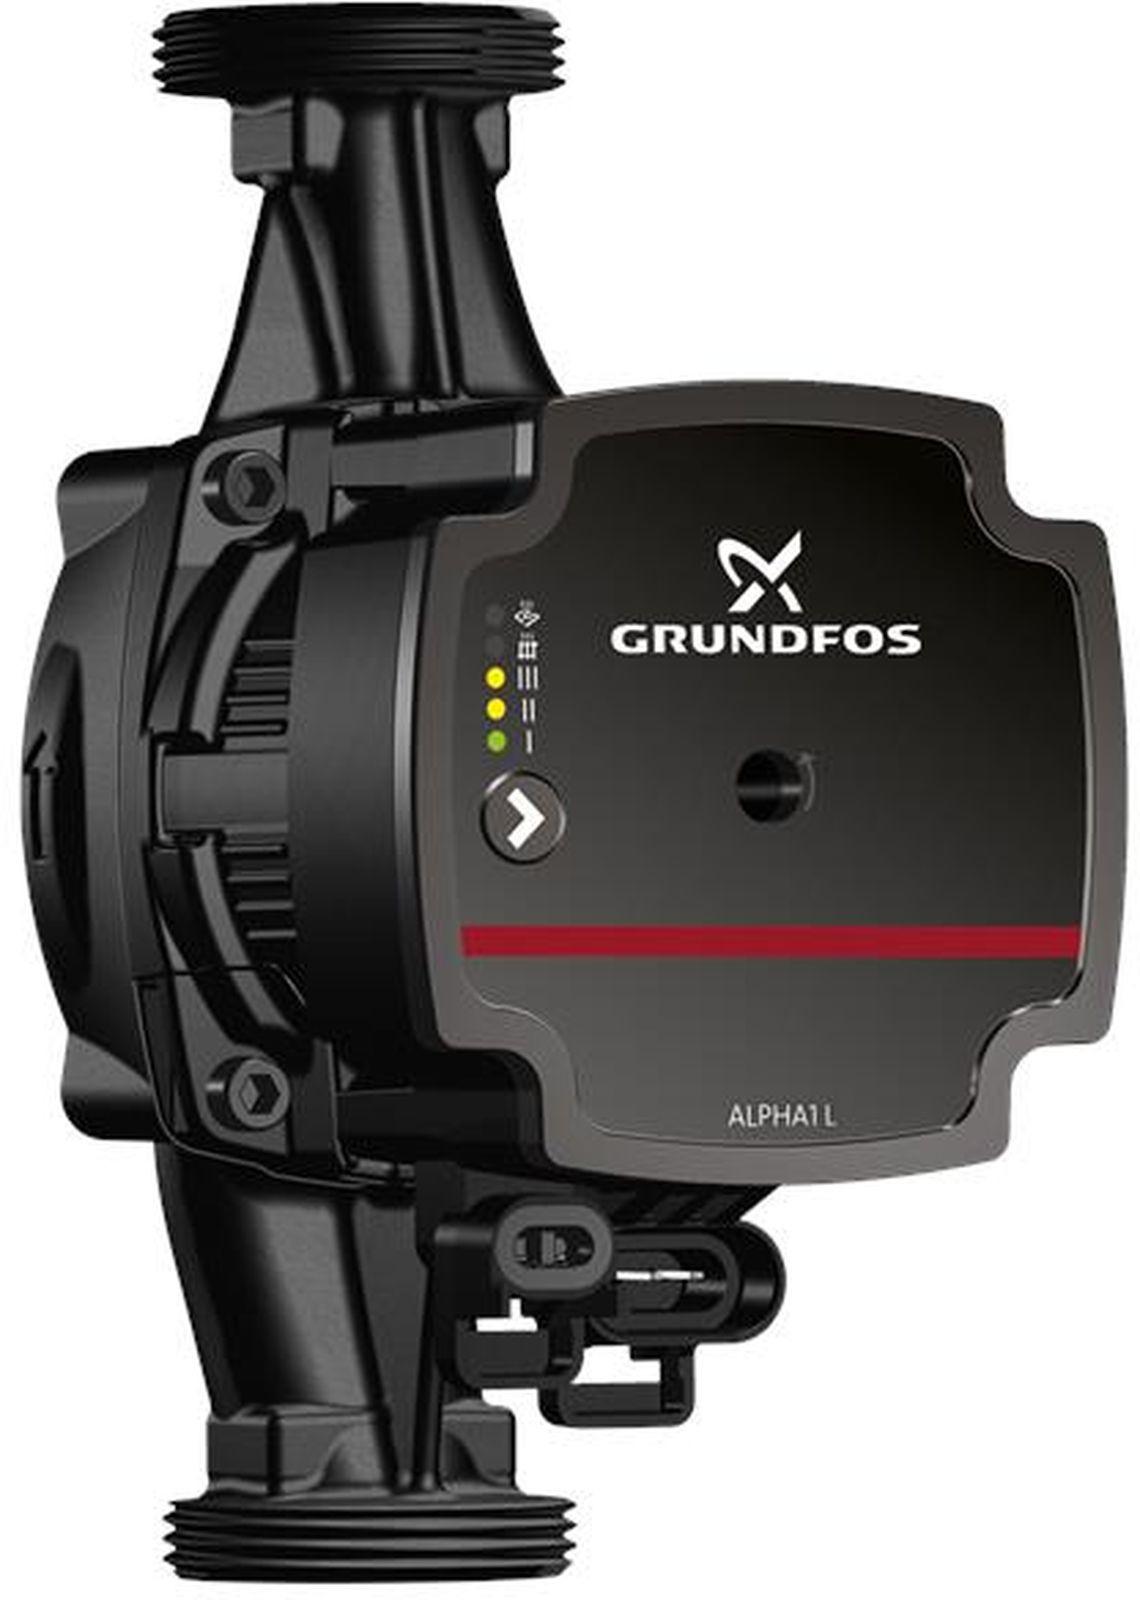 Циркуляционный насос Grundfos Alpha1 L 32-60 180